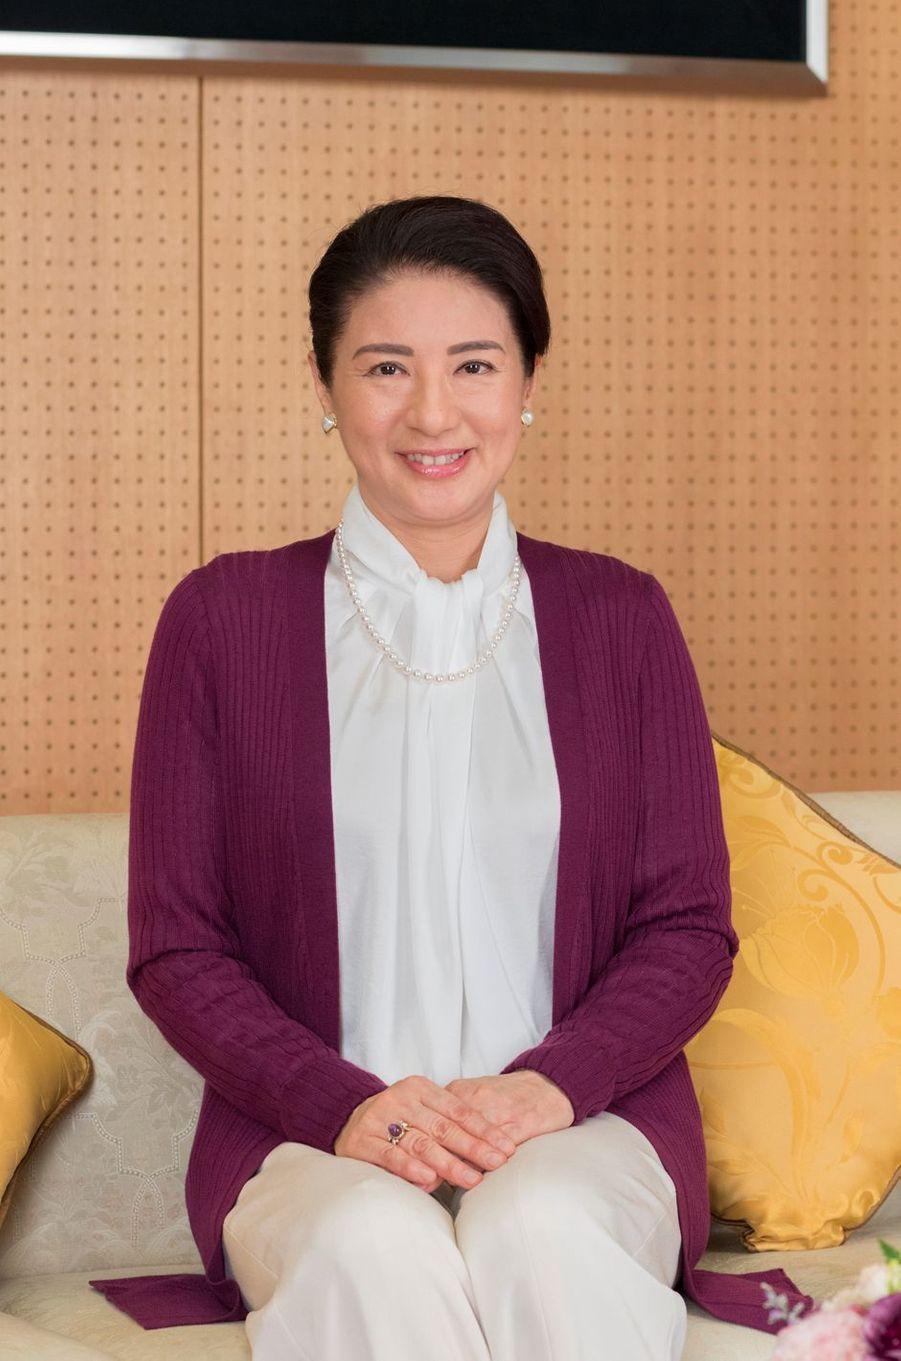 La princesse Masako du Japon le 4 décembre 2018 à Tokyo. Photo diffusée pour ses 55 ans le 9 décembre 2018